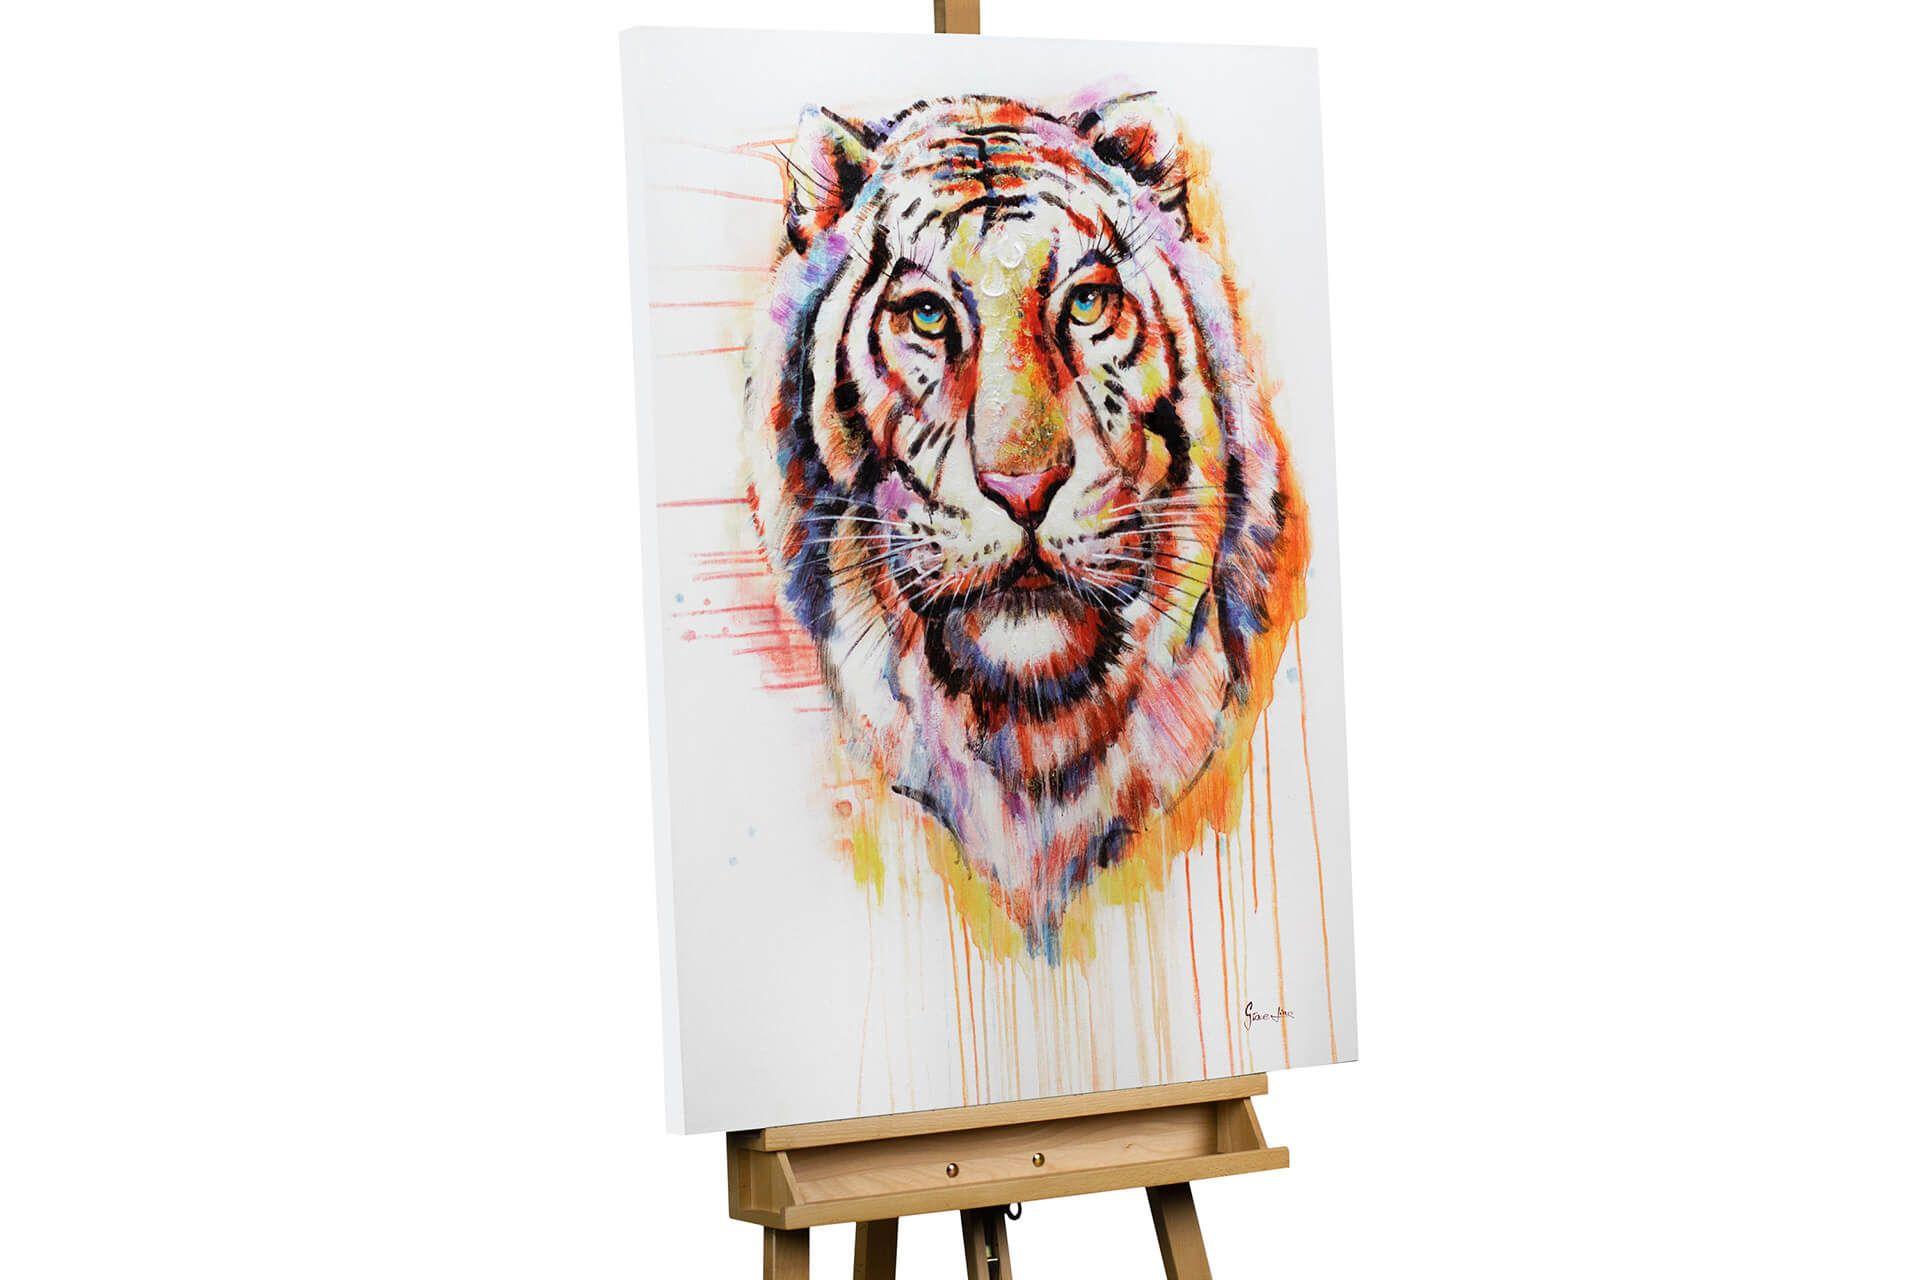 Handgemaltes Leinwand-Bild mit Tiger in Acryl   KunstLoft